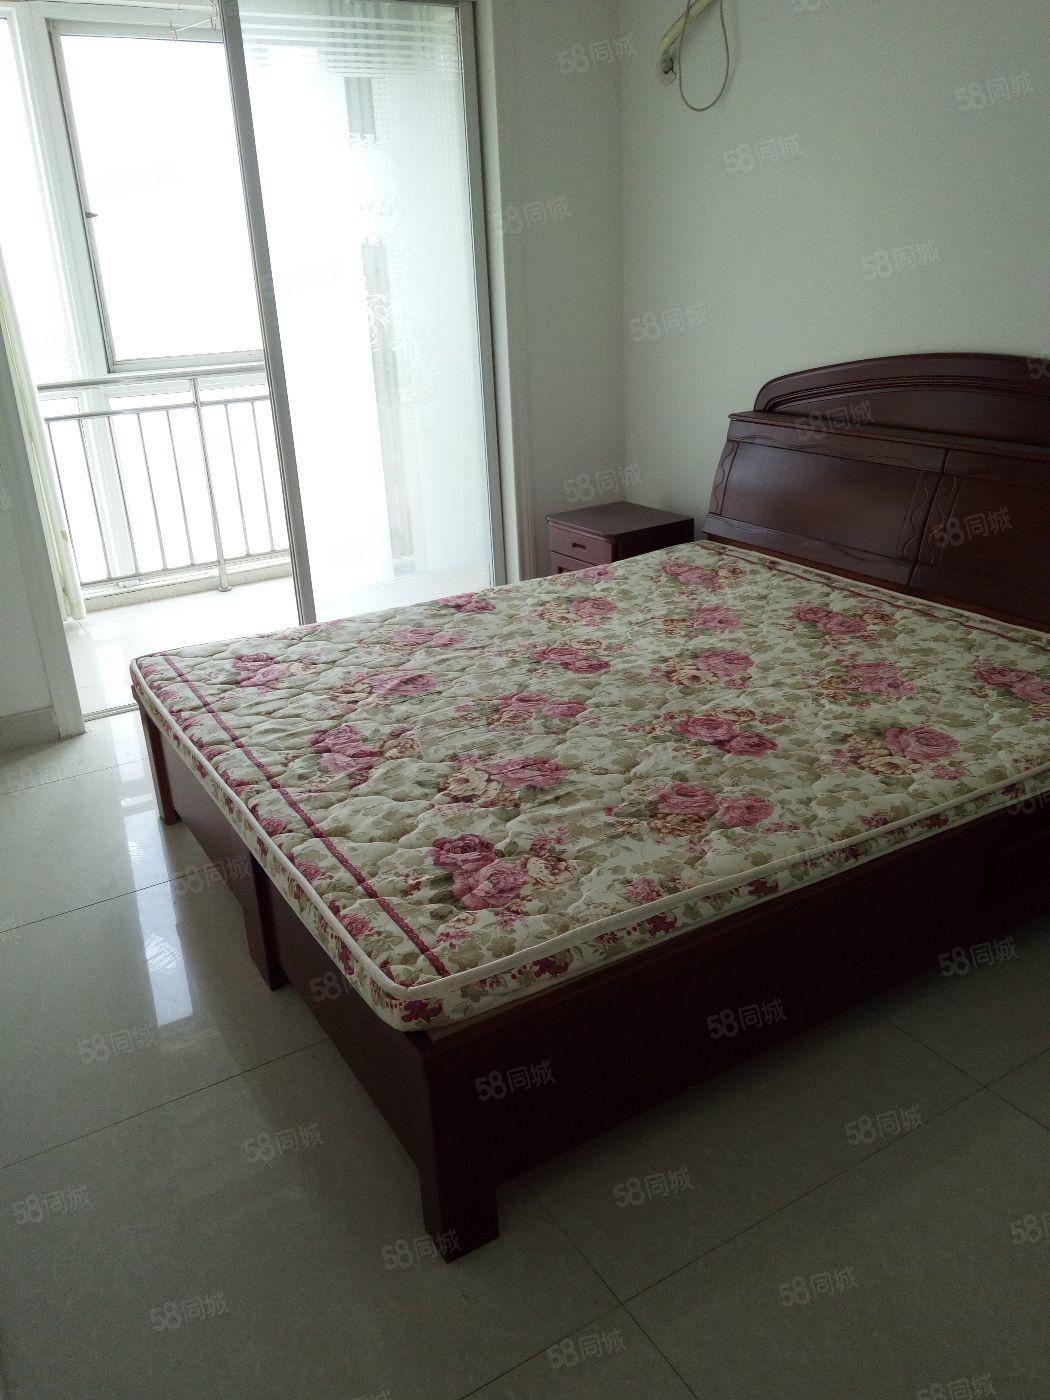 中璟豪庭精装两室舒适温馨干净整洁全屋采光拎包入住